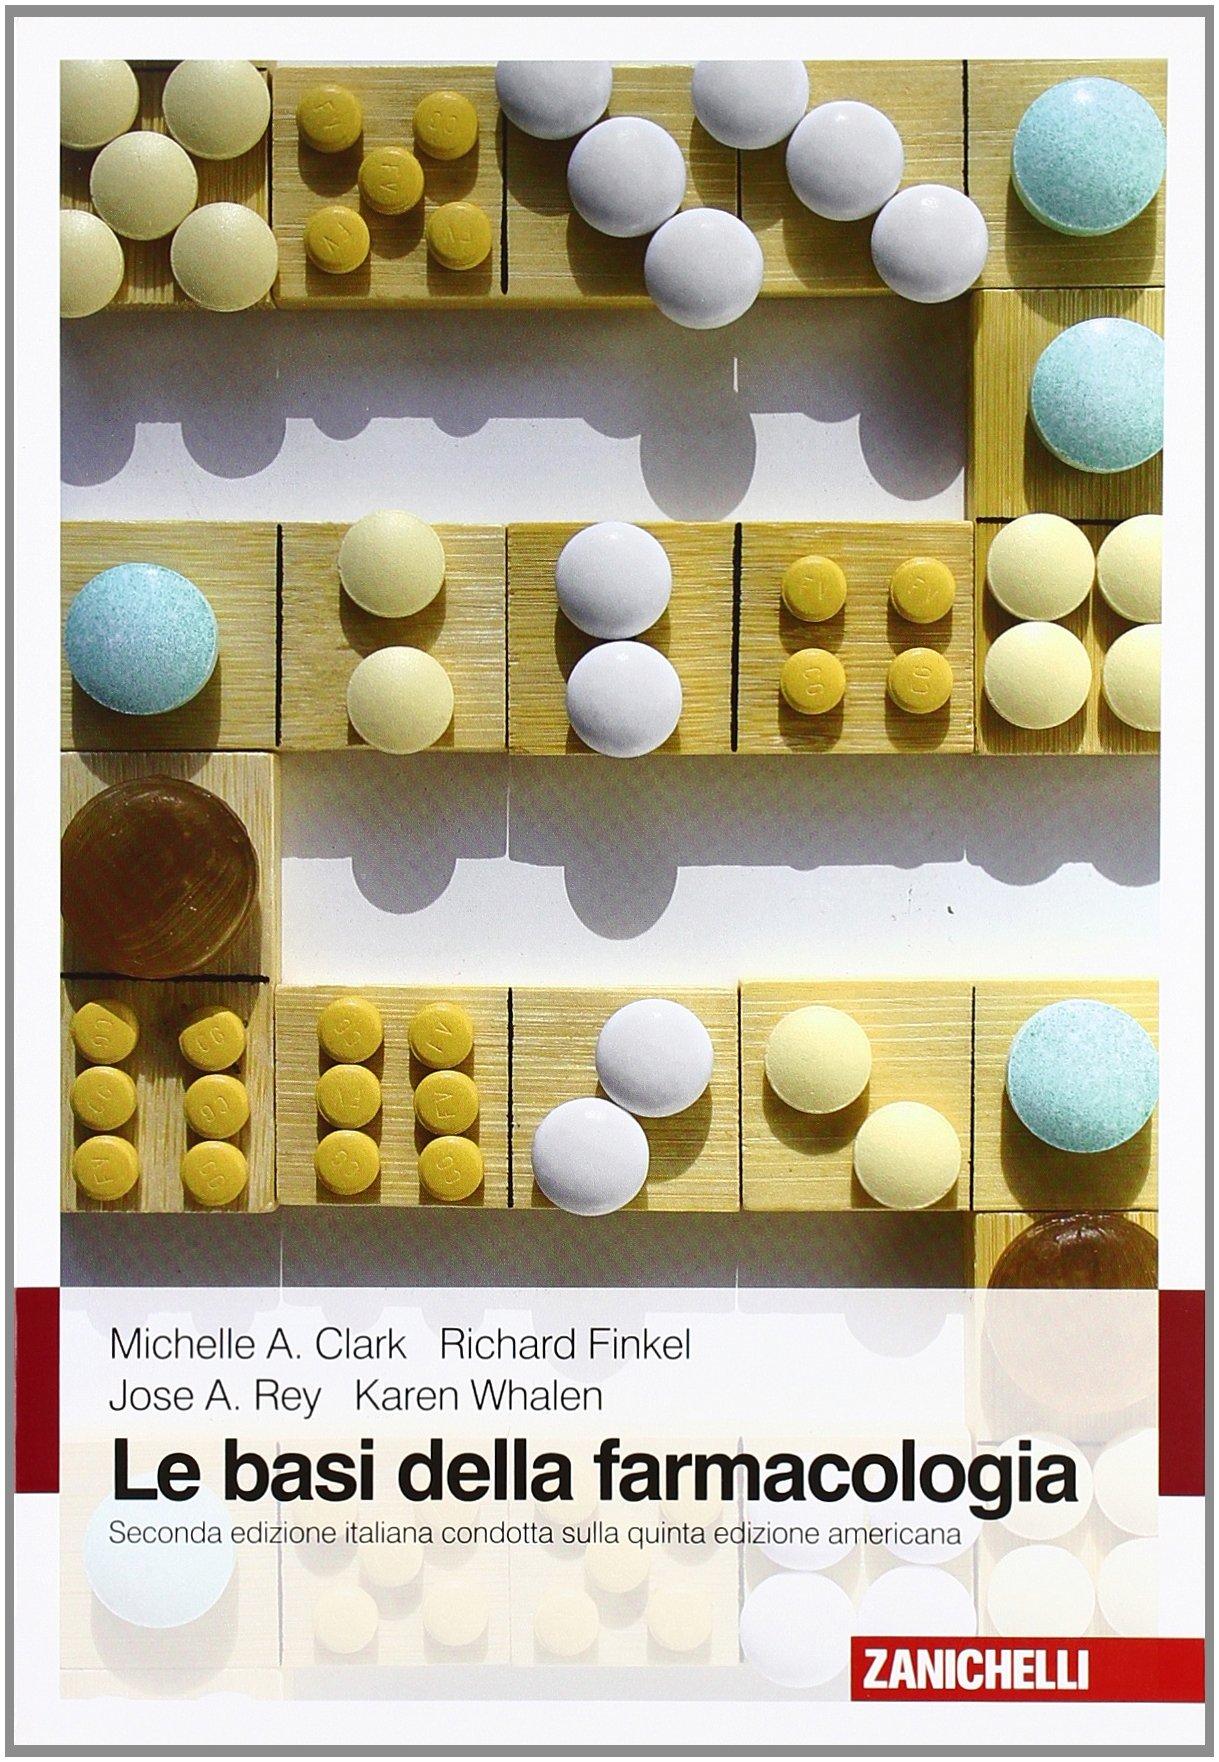 trattamento+non+farmacologico+per+disfunzione+erettile